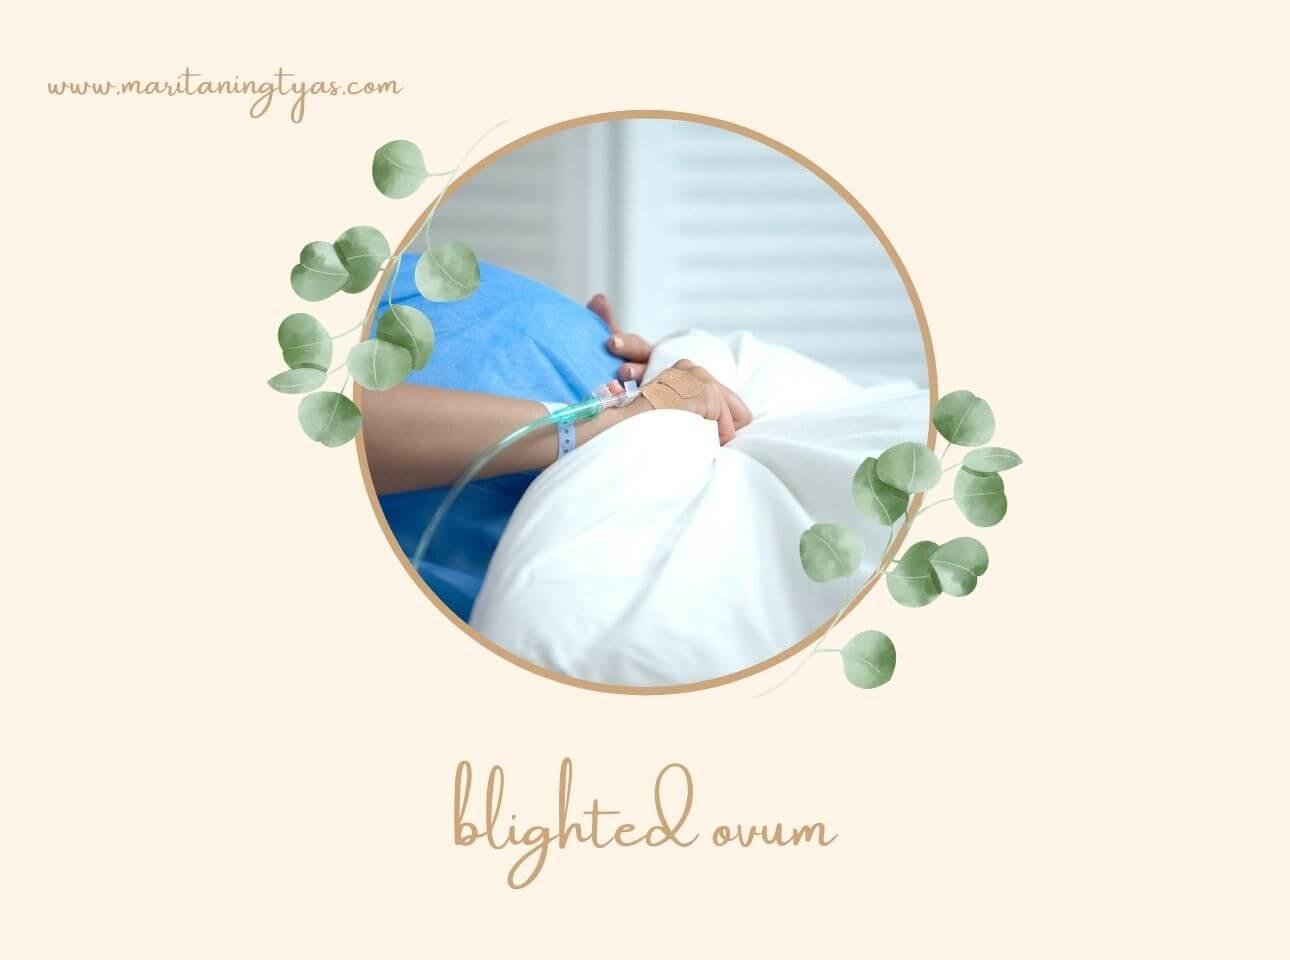 pengertian blighted ovum